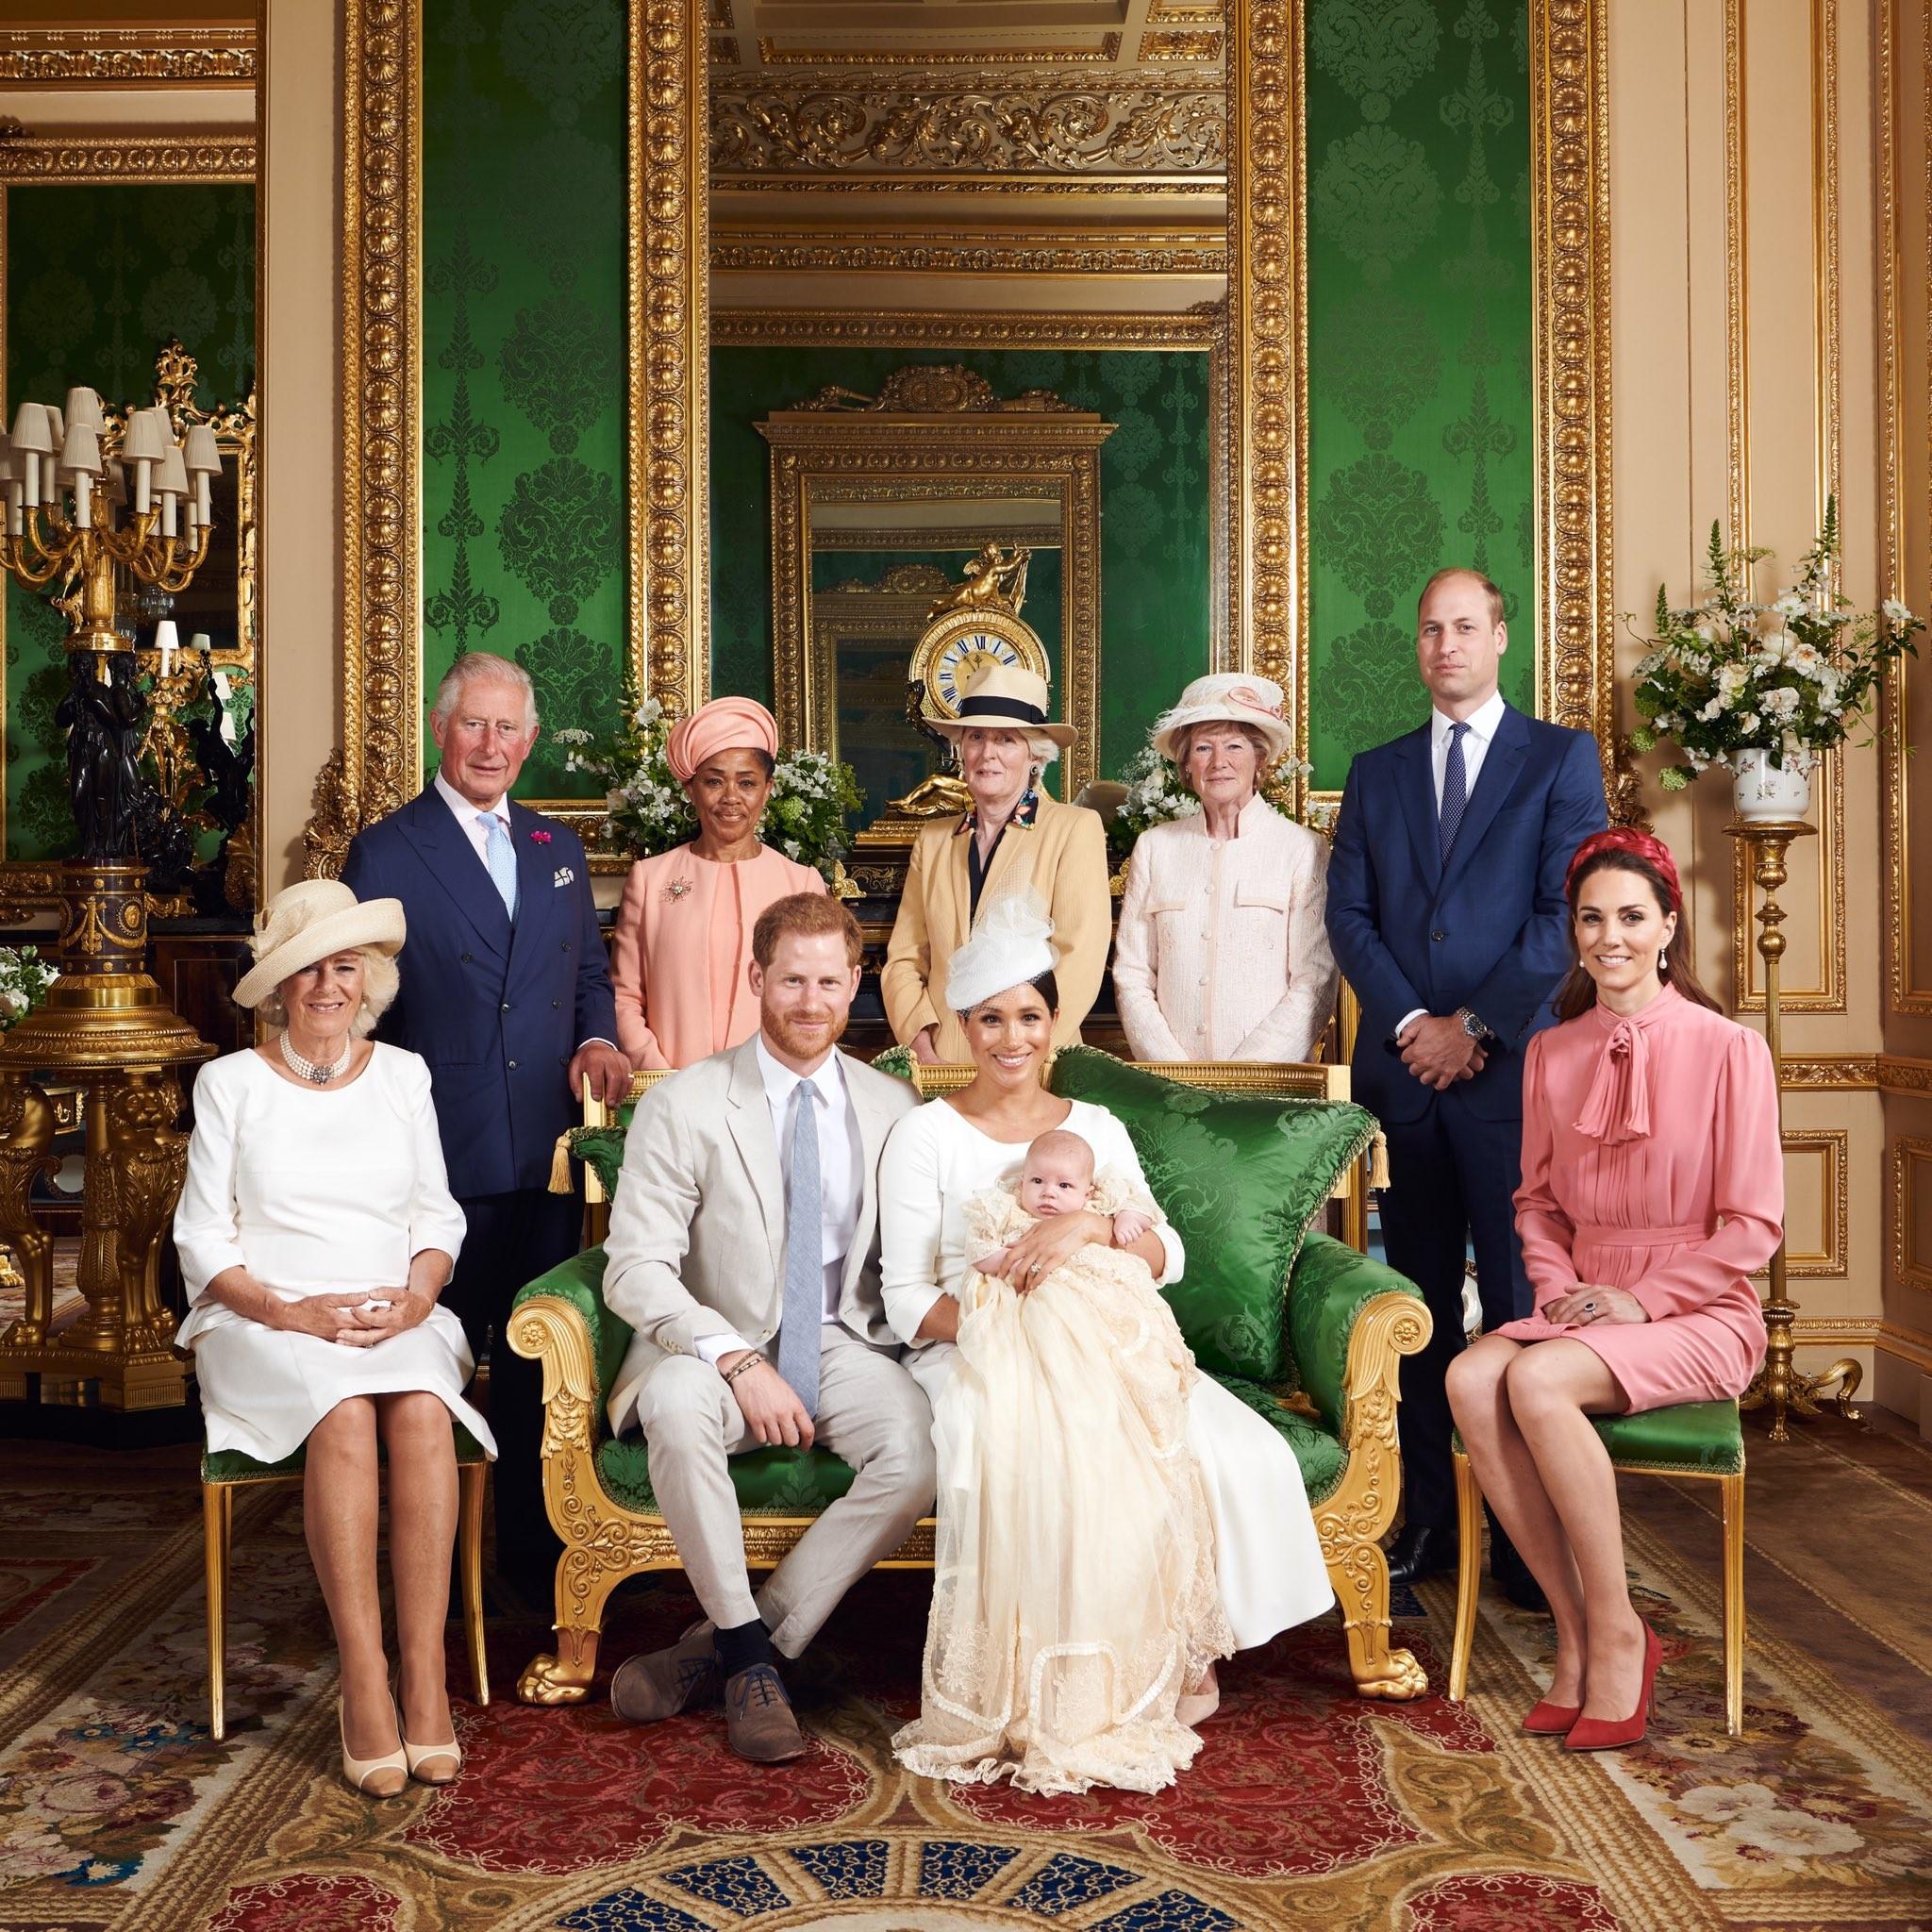 Após polêmica sobre racismo, família real britânica celebra aniversário de Archie, filho de Harry e Meghan